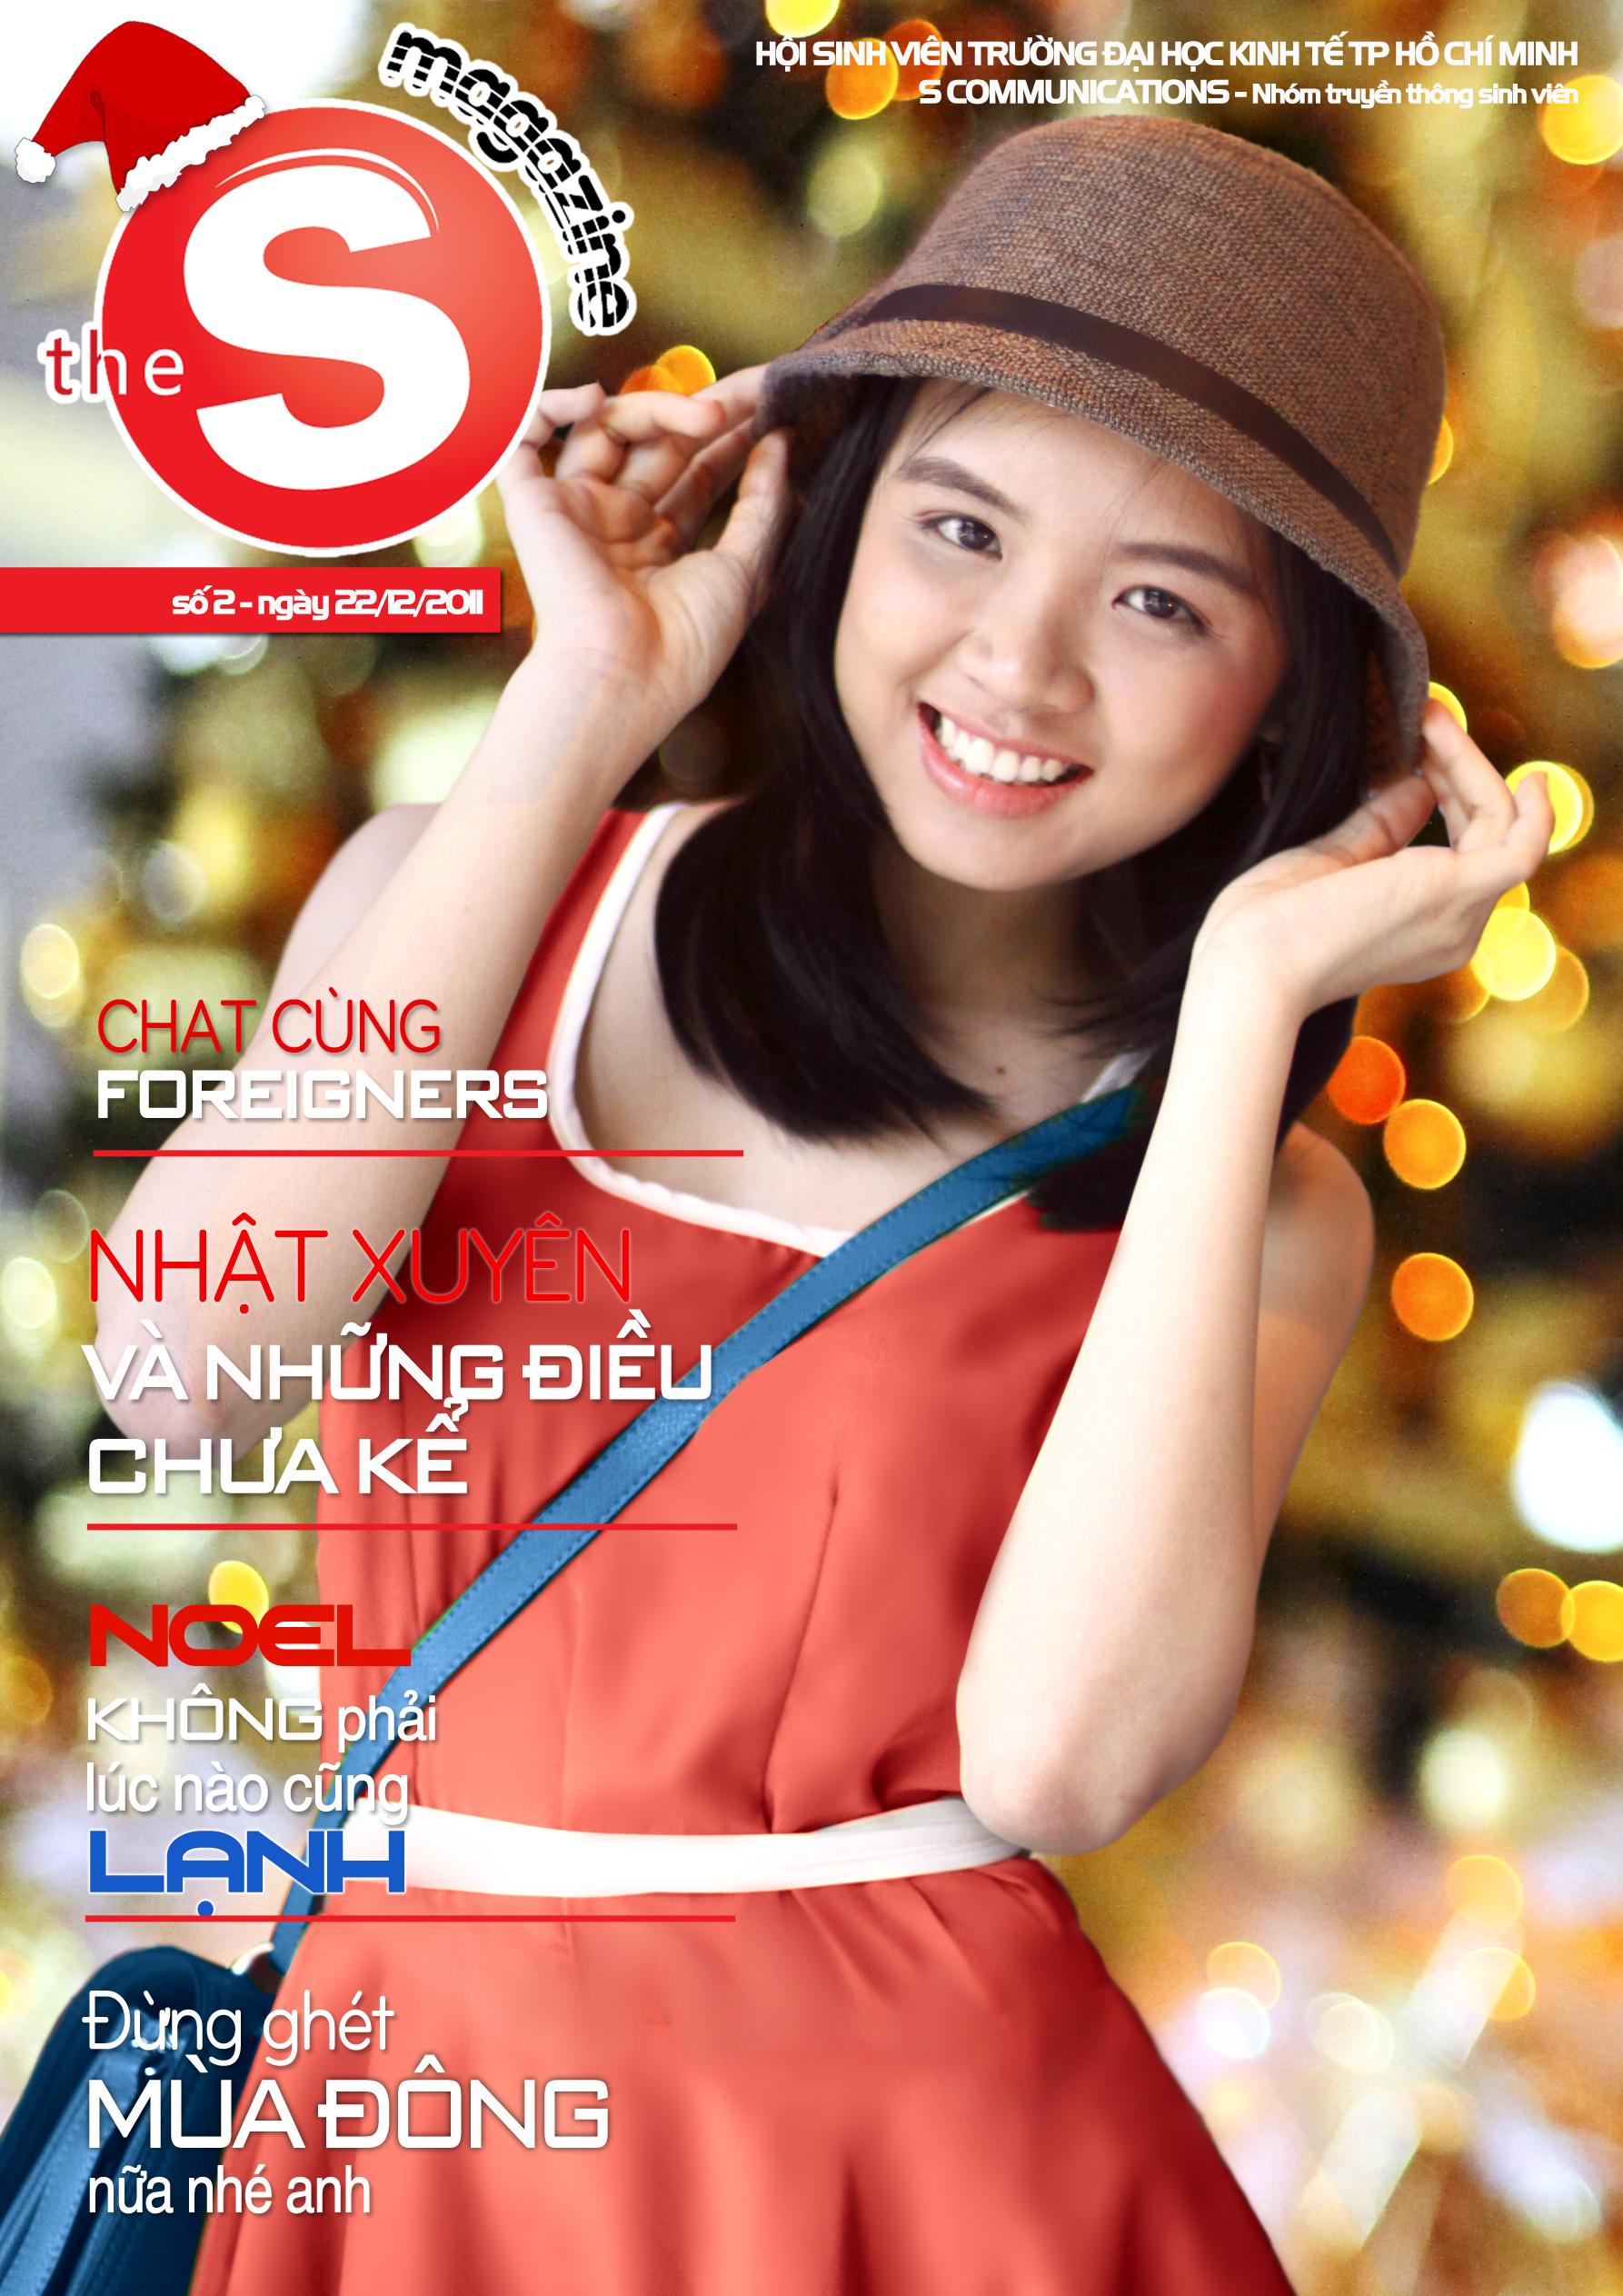 Tạp Chí The S Vol 2- Noel